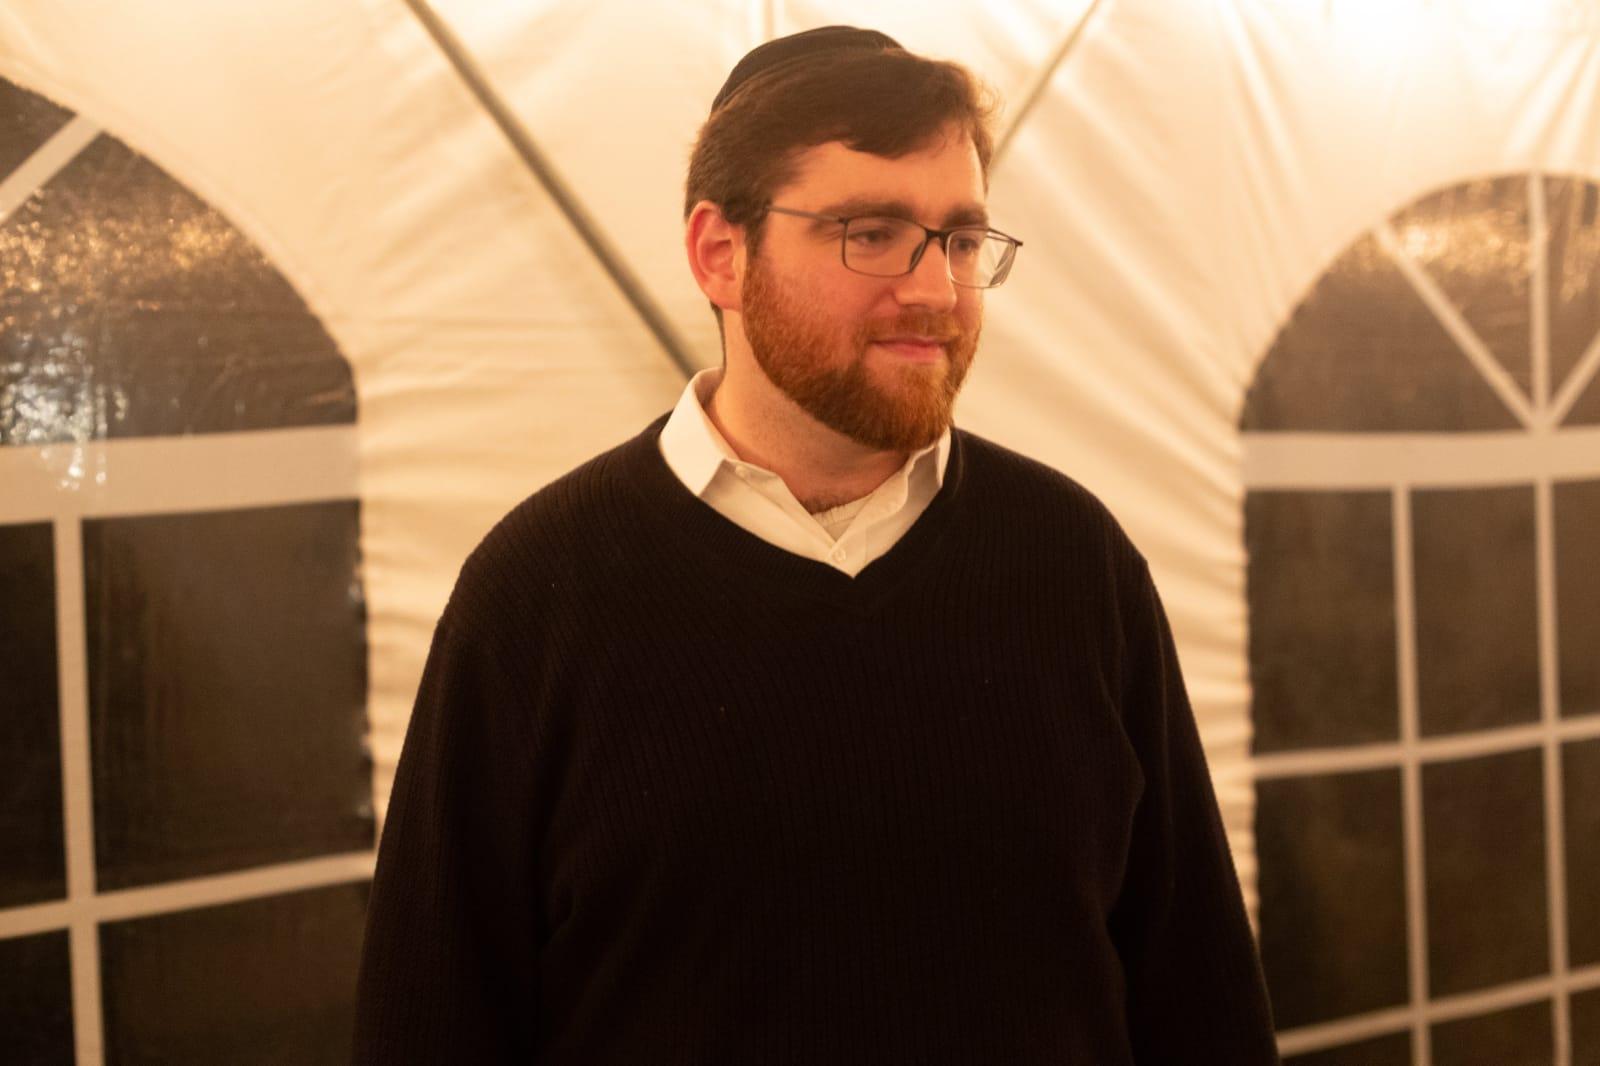 Rabbi Boruch Vann